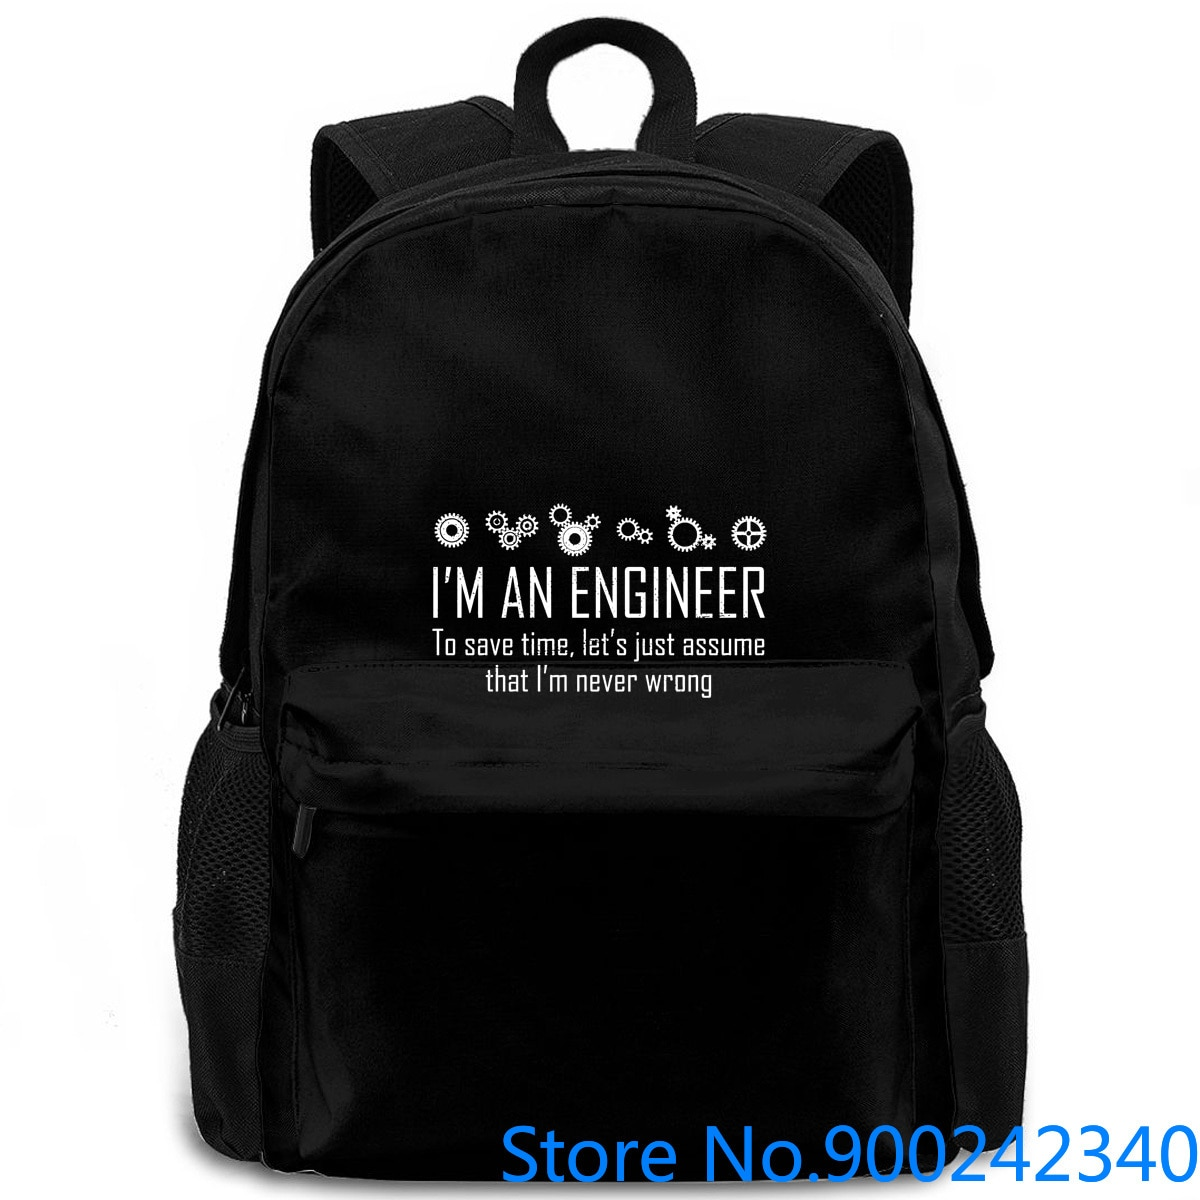 Soy un ingeniero para ahorrar tiempo, nunca se Wrong, mochila de cumpleaños de matemáticas para hombre y mujer, mochila para ordenador portátil, viaje, escuela, estudiante de adulto